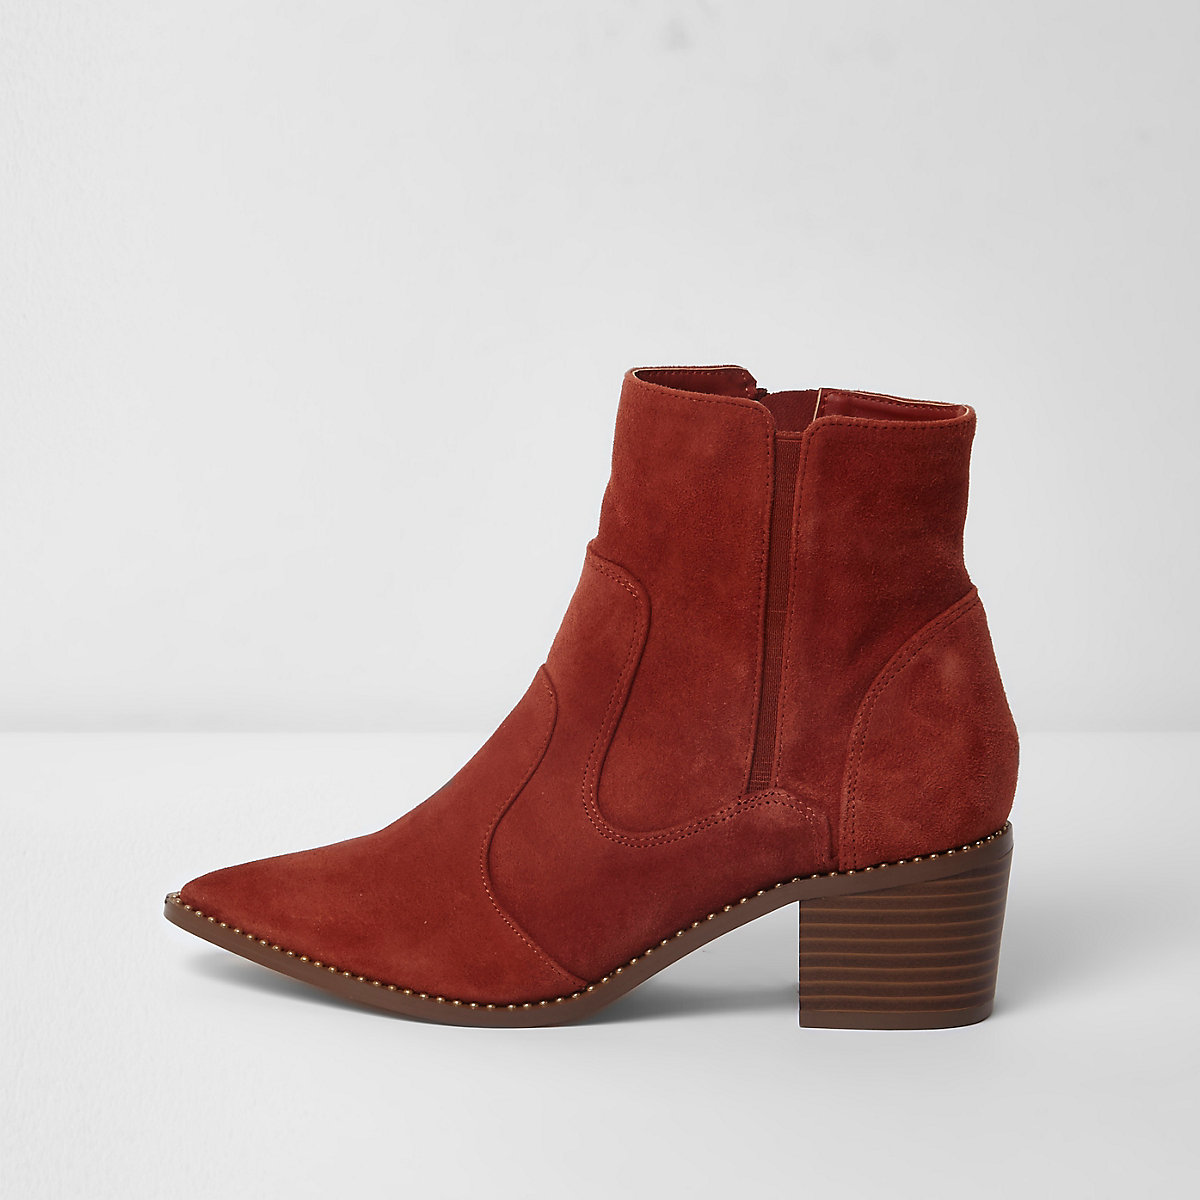 Dark orange suede western ankle boots